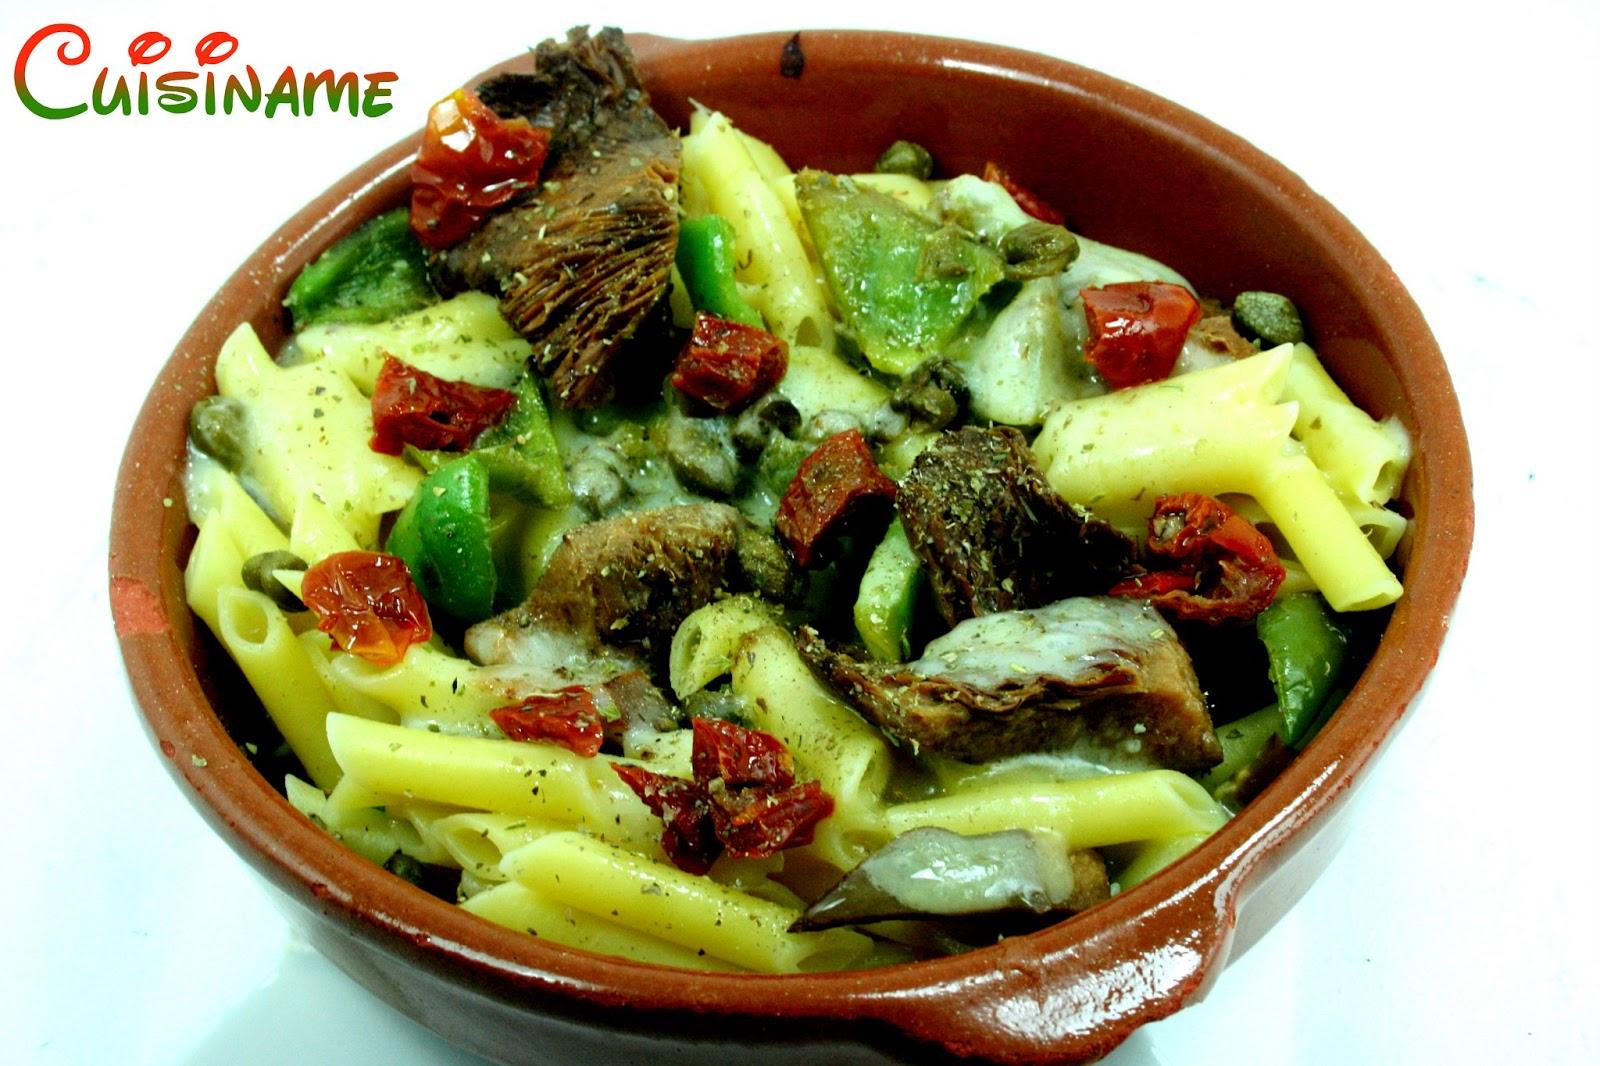 Recetas de cocina cuis name - Macarrones con verduras al horno ...